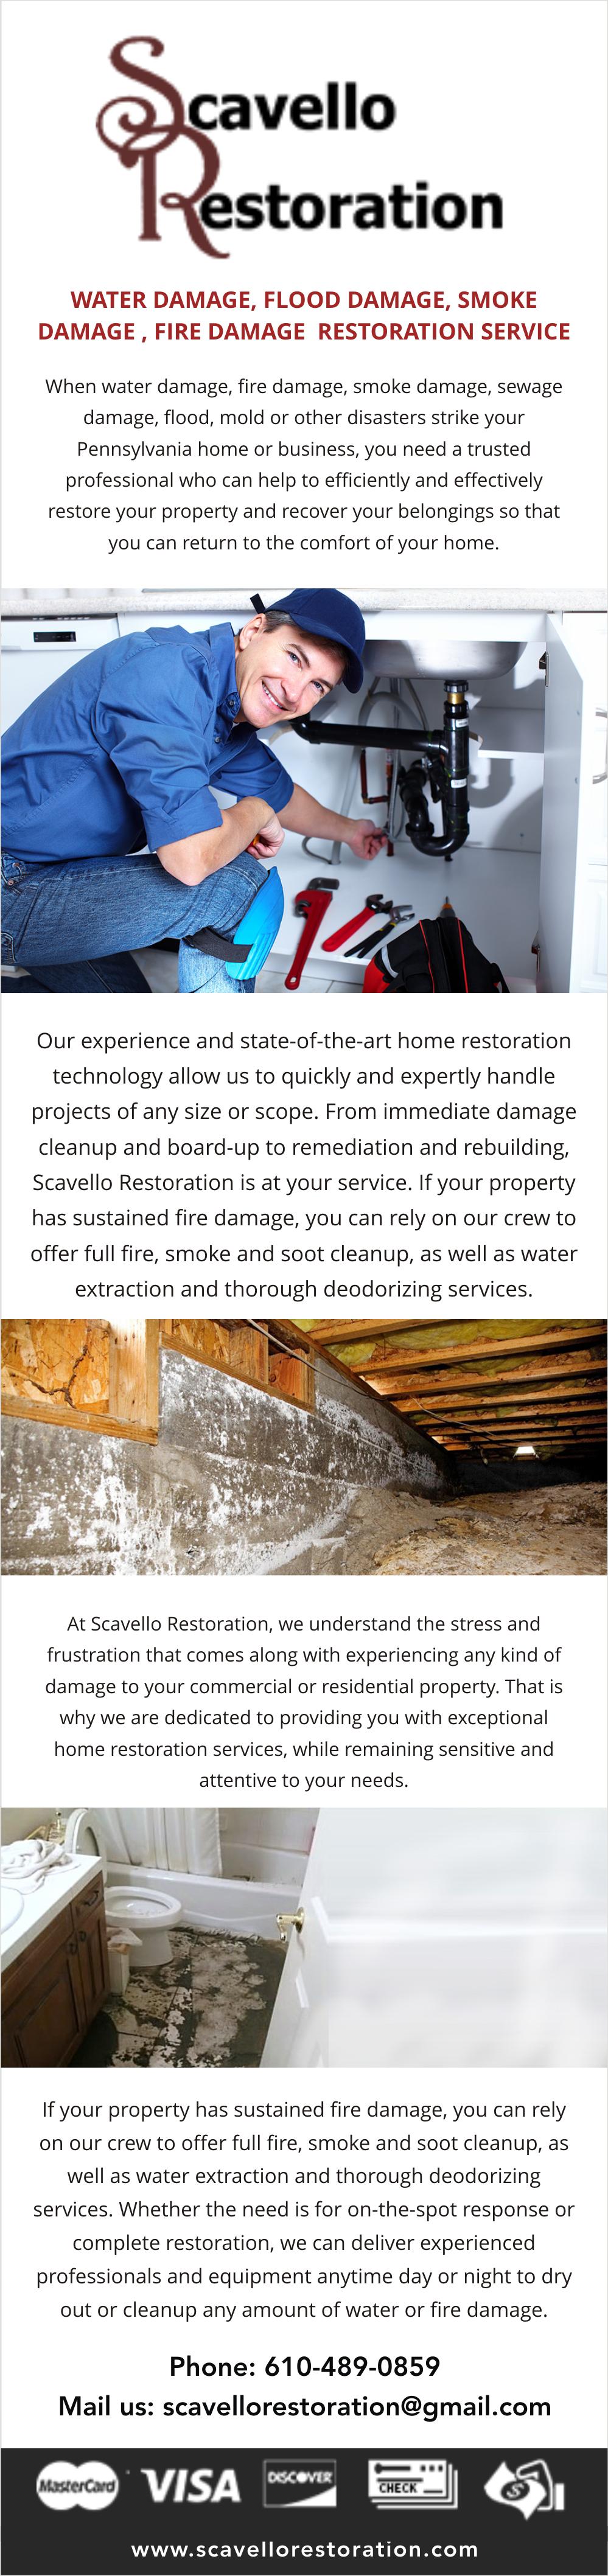 to Scavello Restoration, Montgomery County's